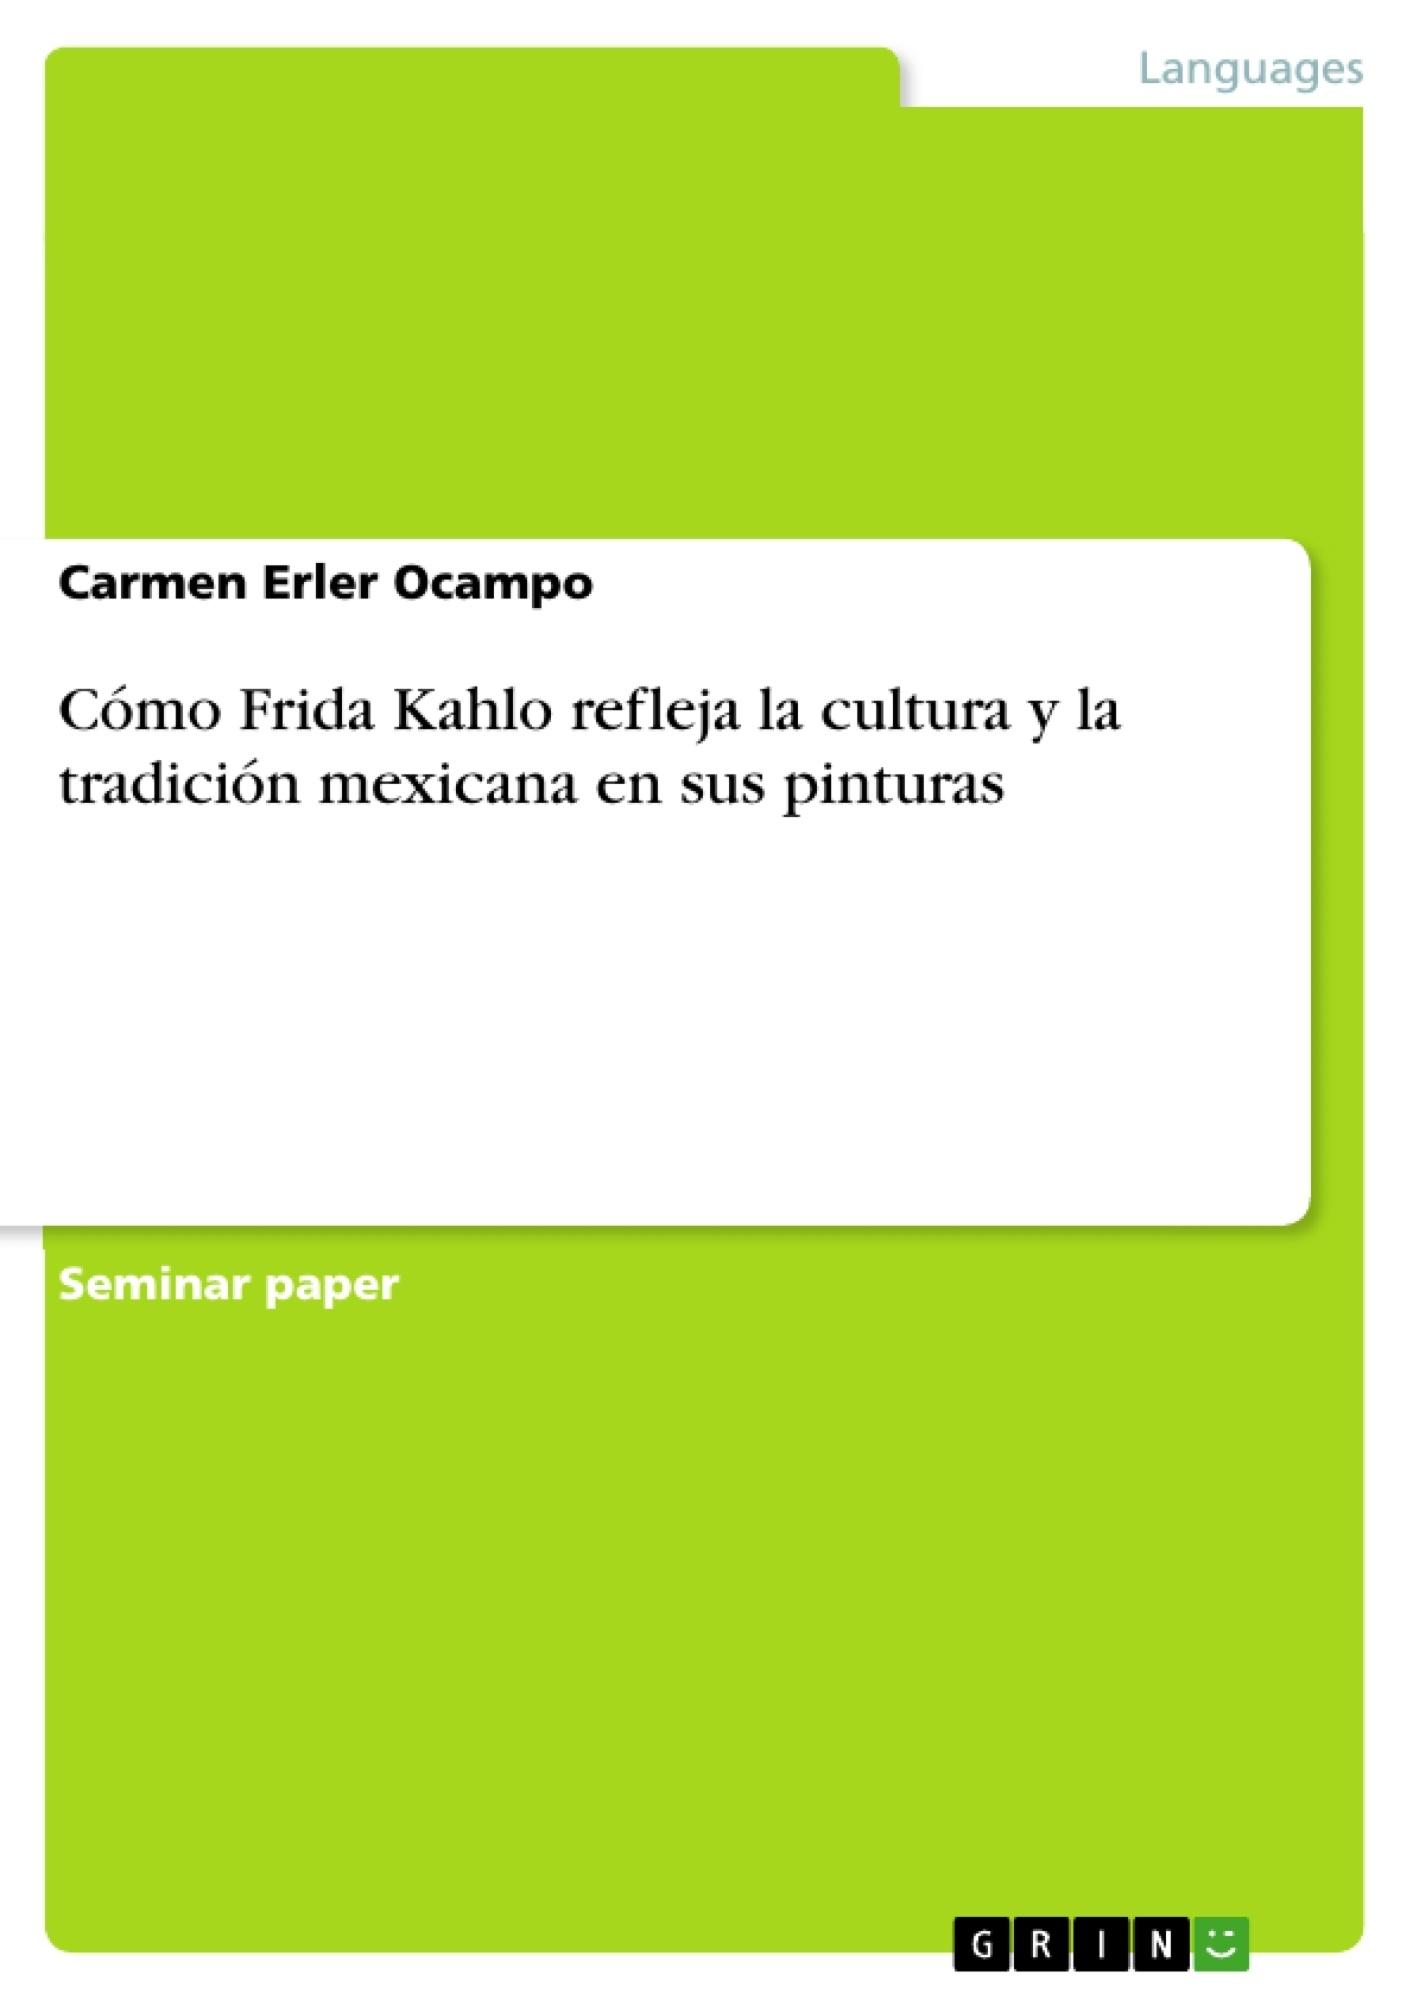 Título: Cómo Frida Kahlo refleja la cultura y la tradición mexicana en sus pinturas